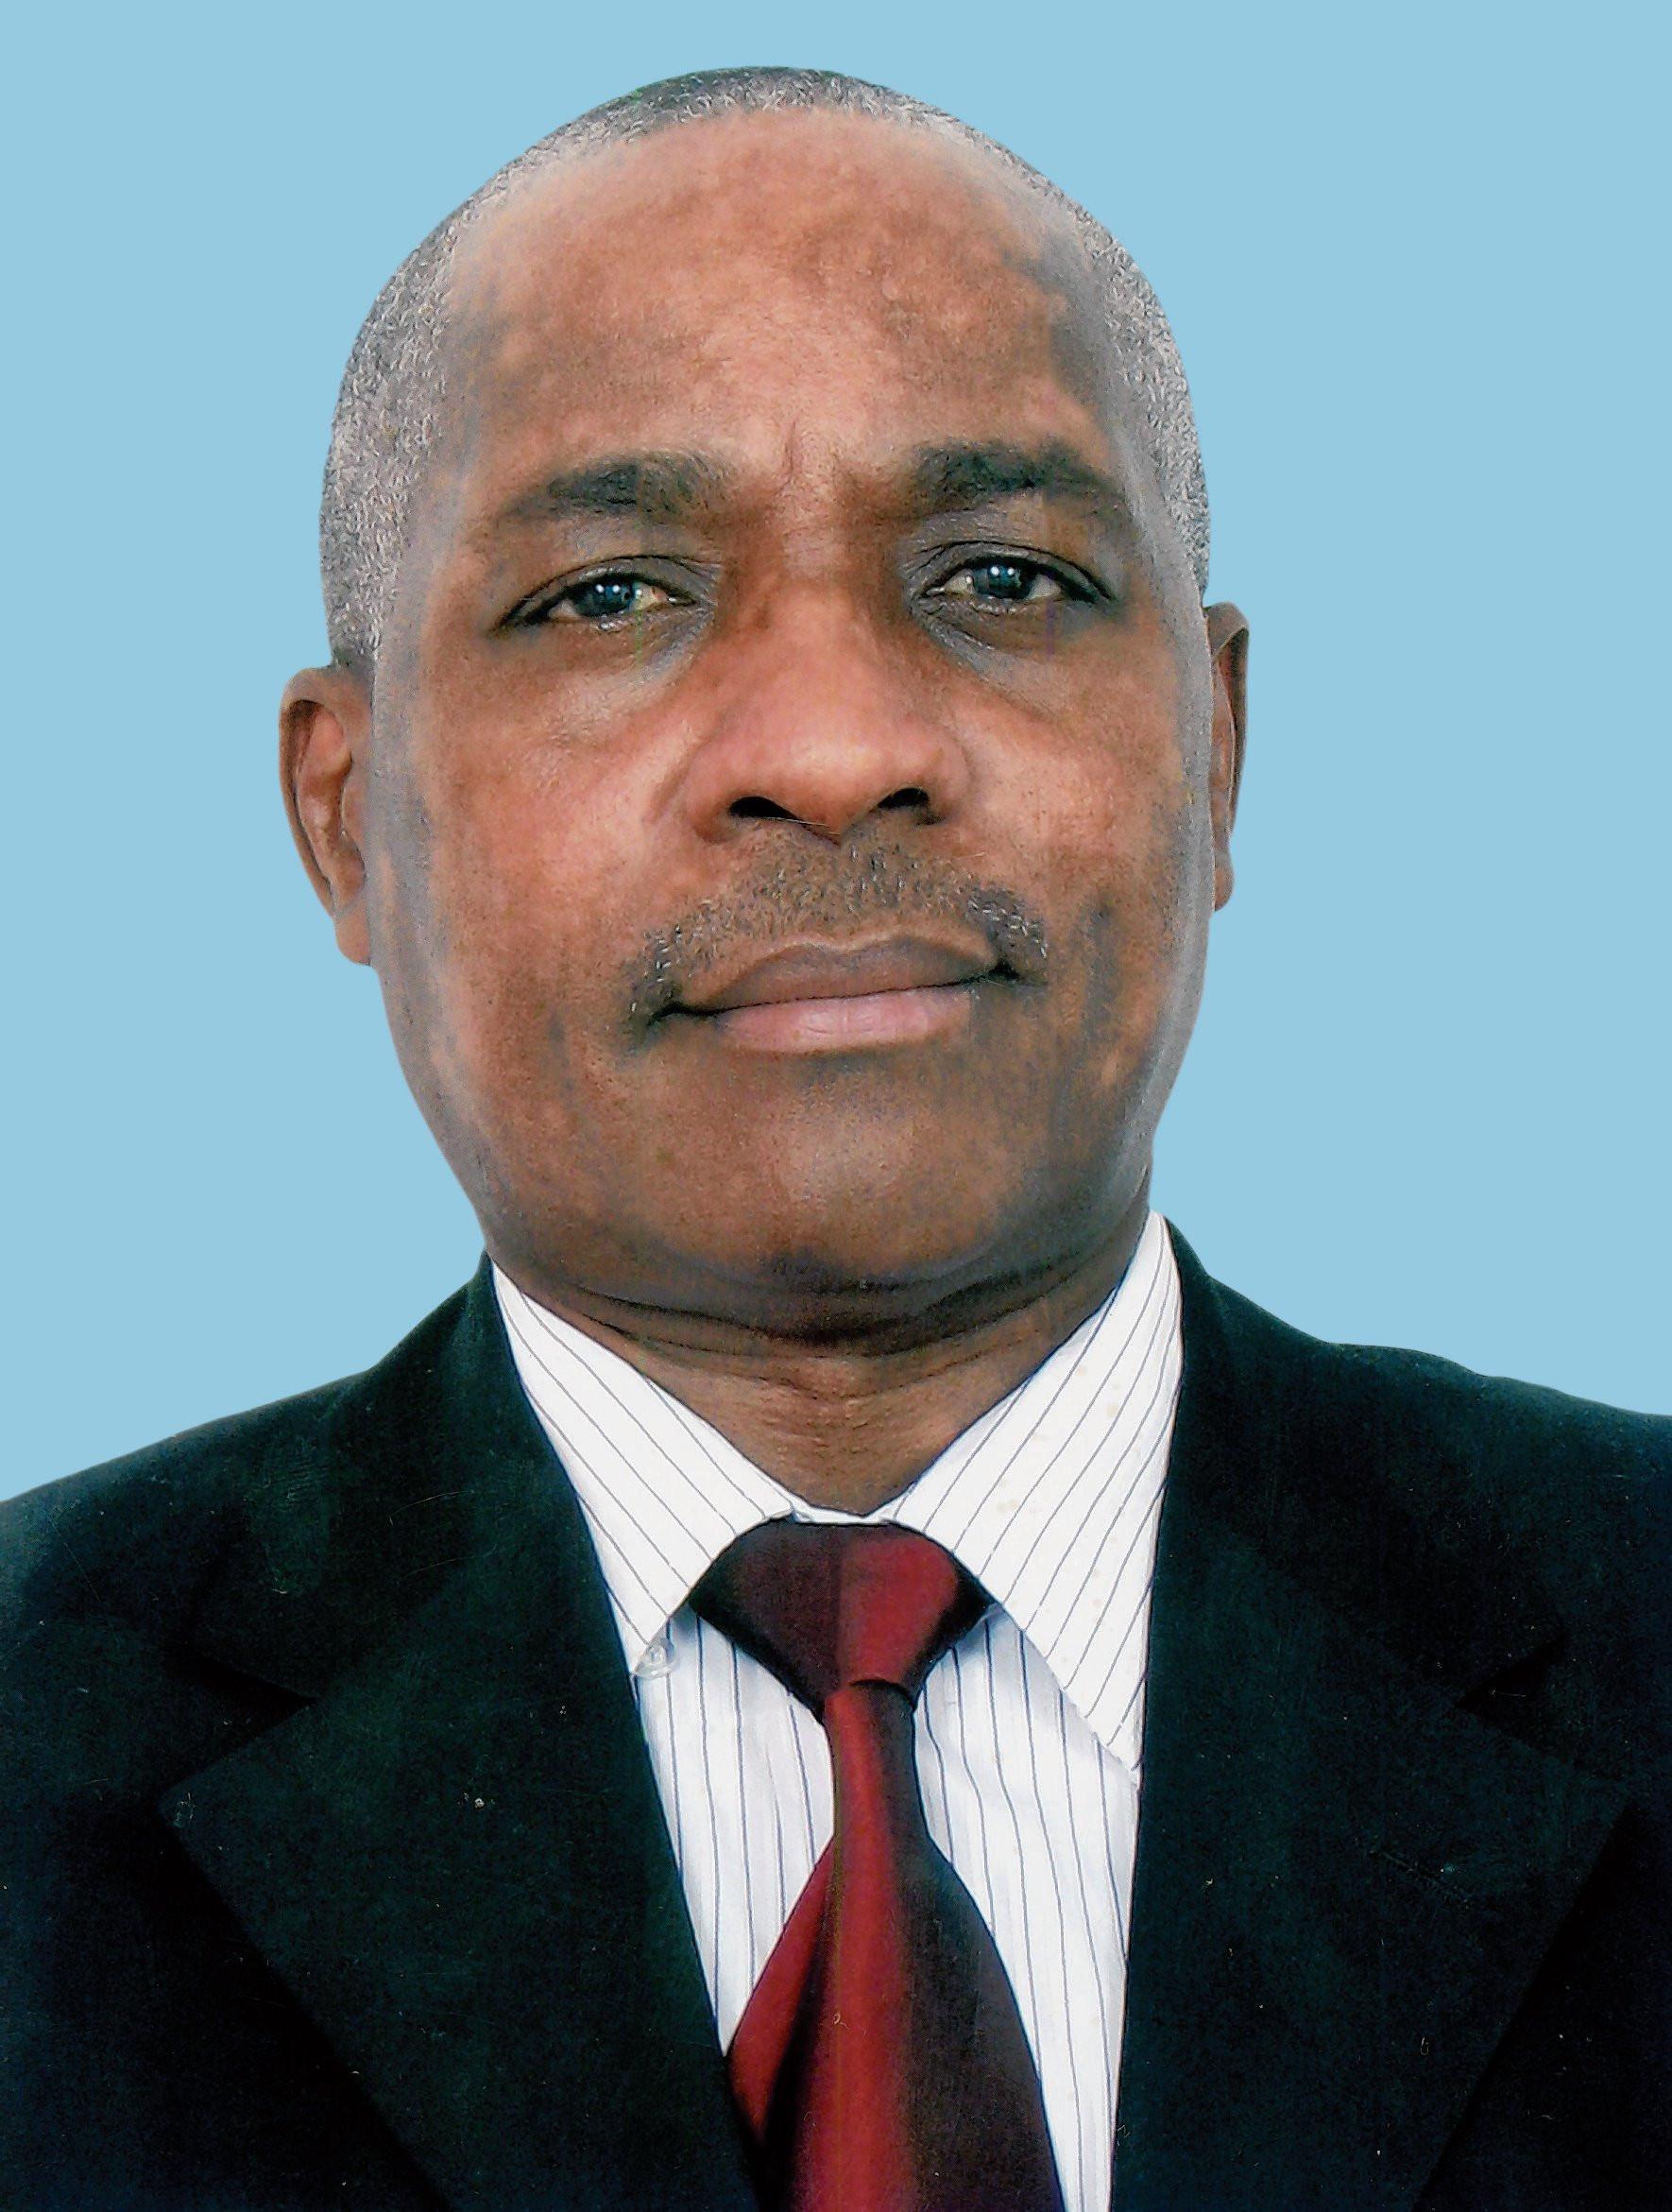 Eng. Robert Mwangi Wachira